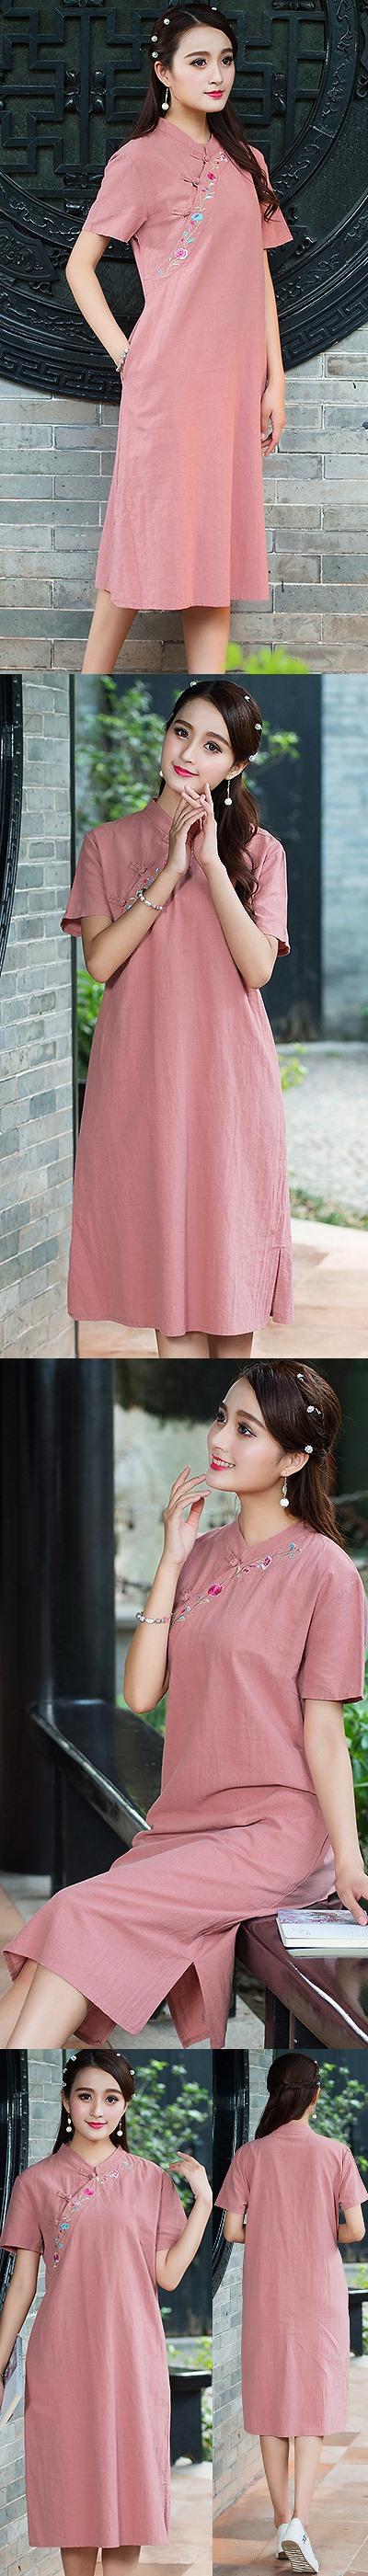 民族風情漢式交領連衣裙-紅豆色 (成衣)